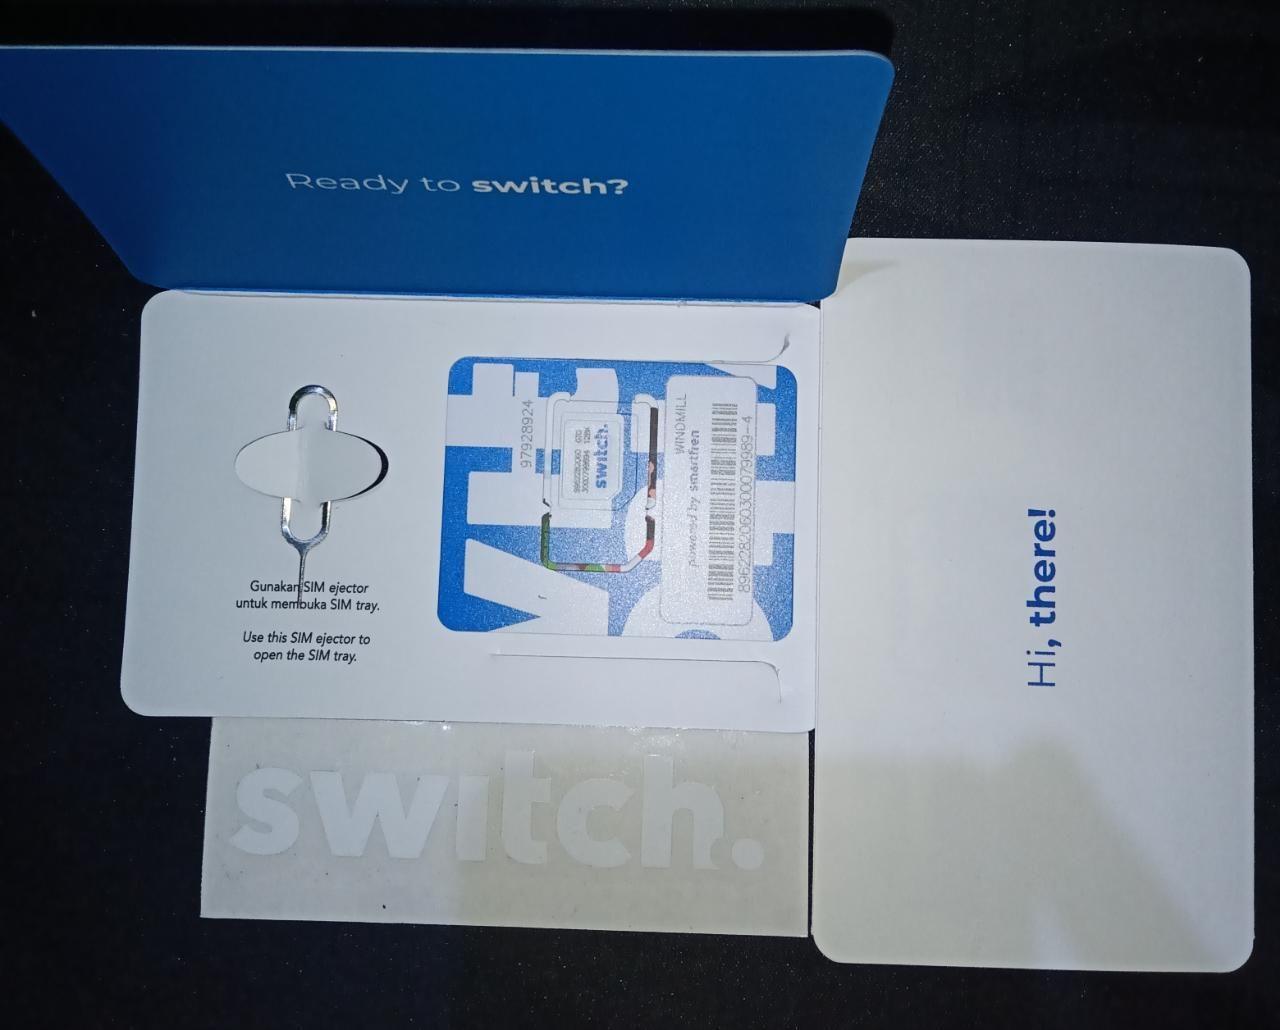 Berikut Cara Melakukan Aktivasi Provider Digital Sim Card Switch Beta Milik Smartfren Secara Detail Dengan Daftar Paket Yang Bisa Di Pengikut Aplikasi Revolusi